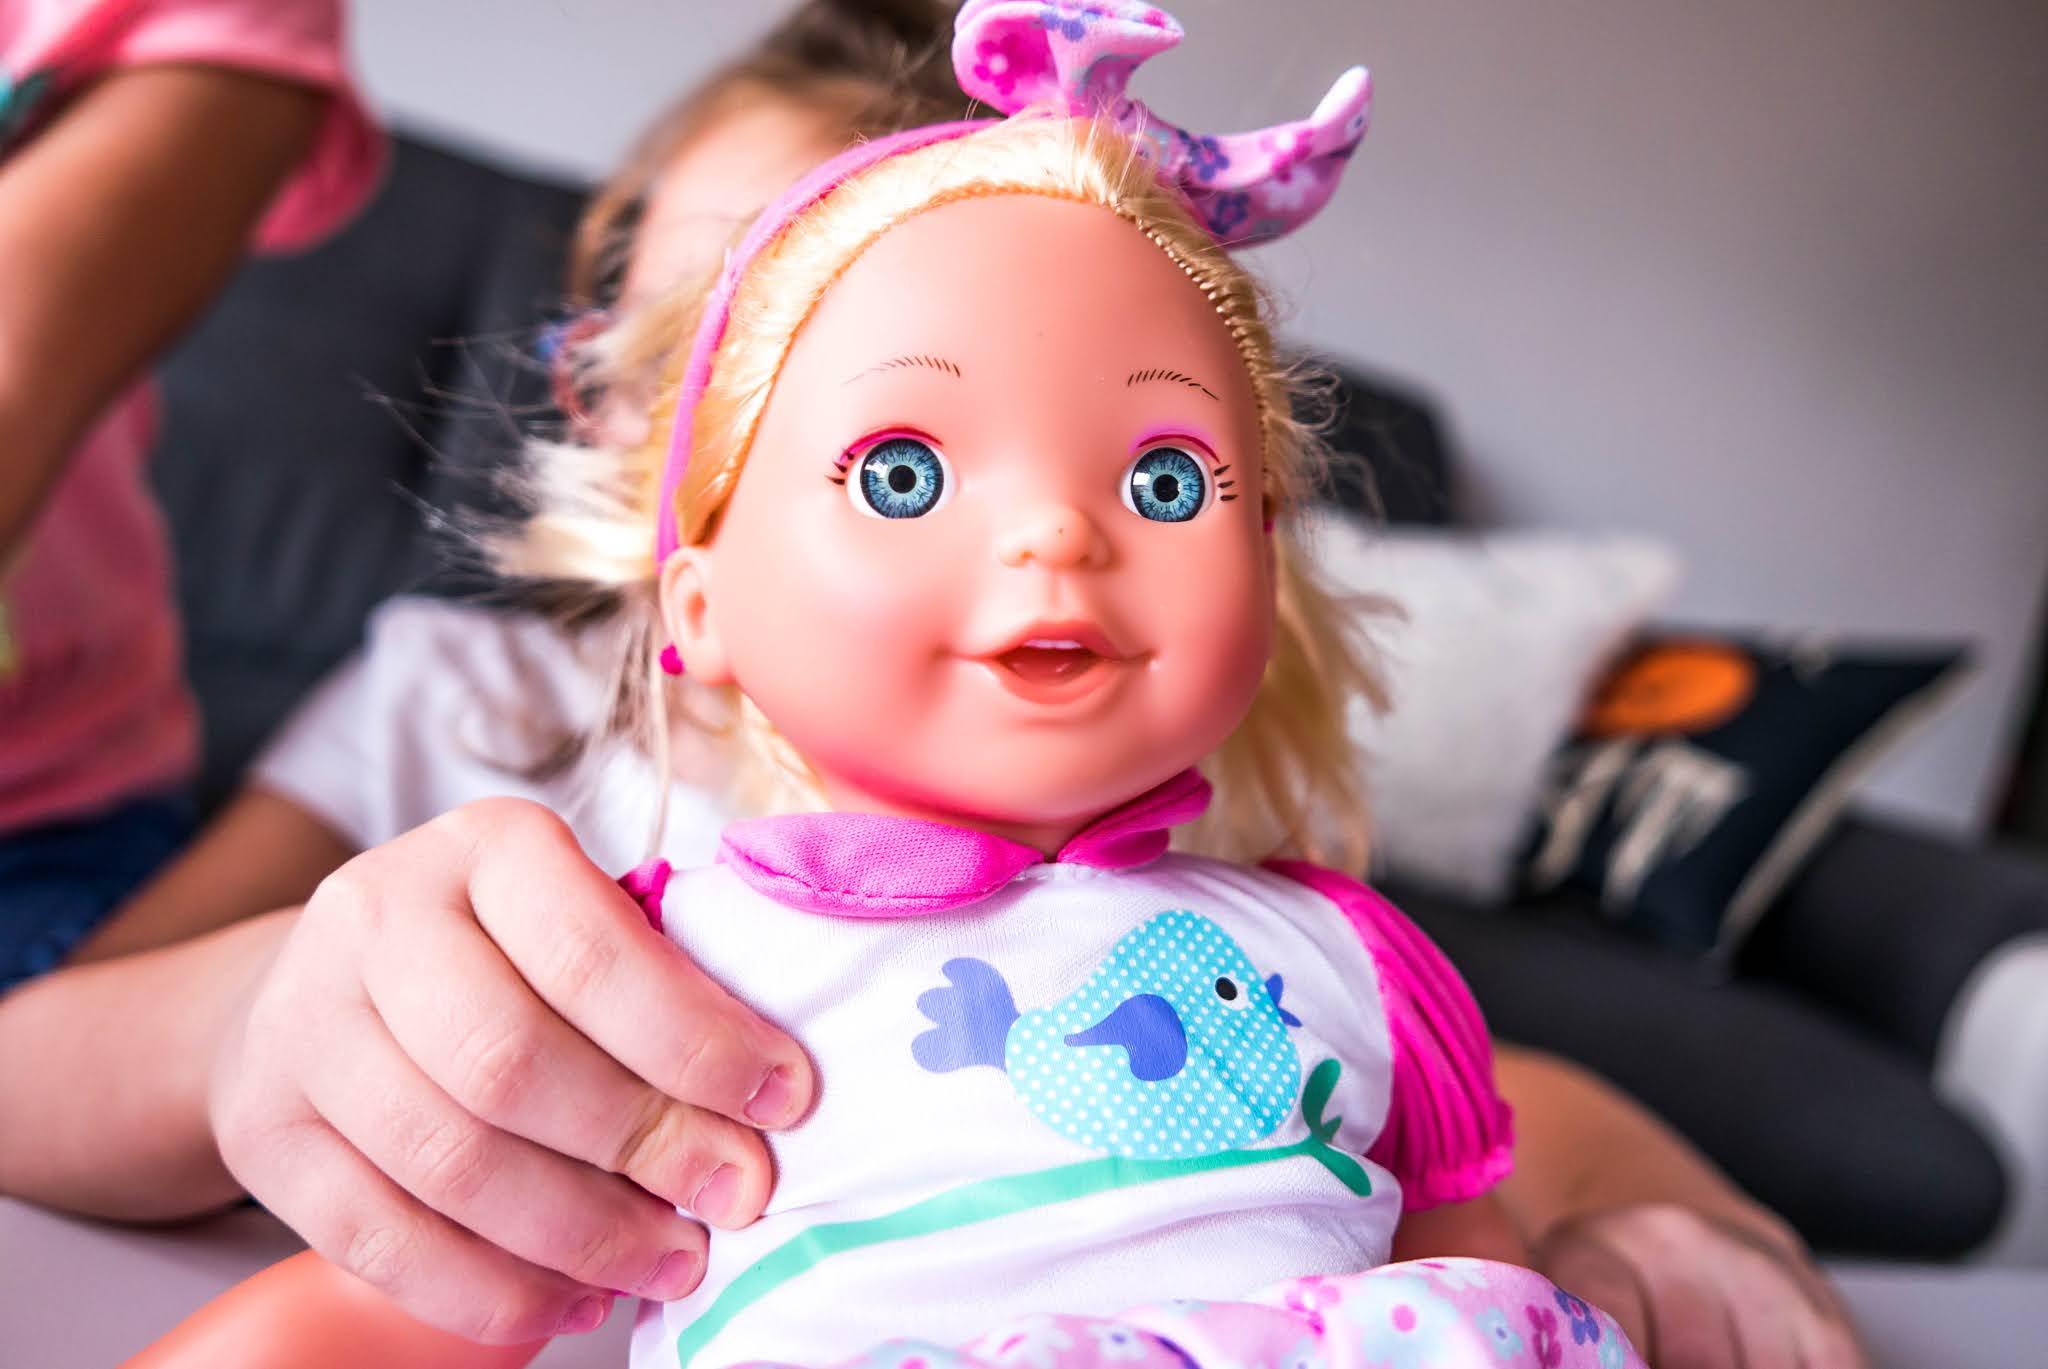 Jaką lalkę kupić w prezencie dziewczynce 3 latka